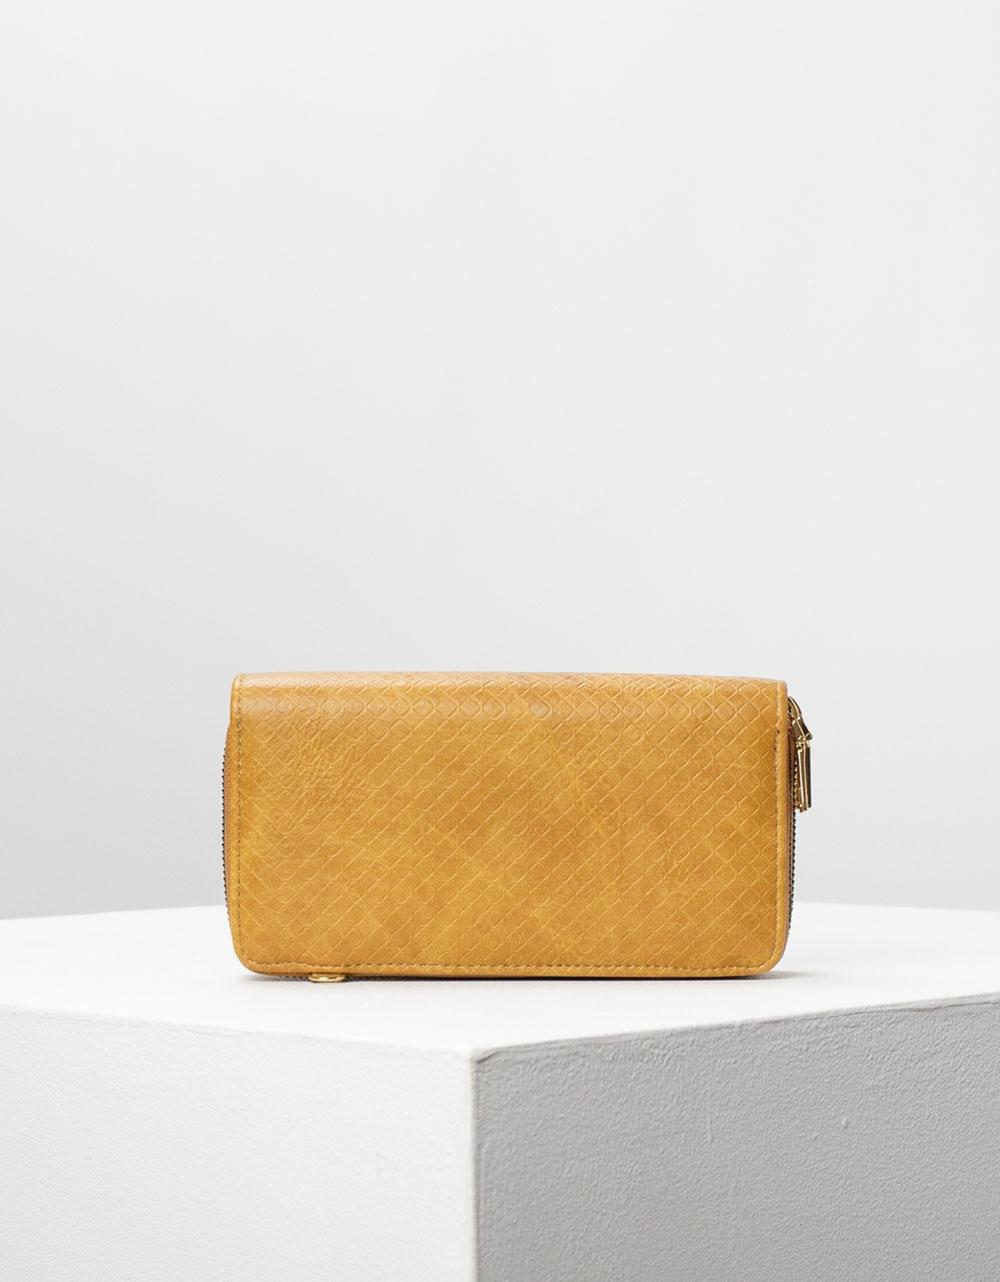 Εικόνα από Γυναικείο πορτοφόλι basic μονόχρωμο Ταμπά